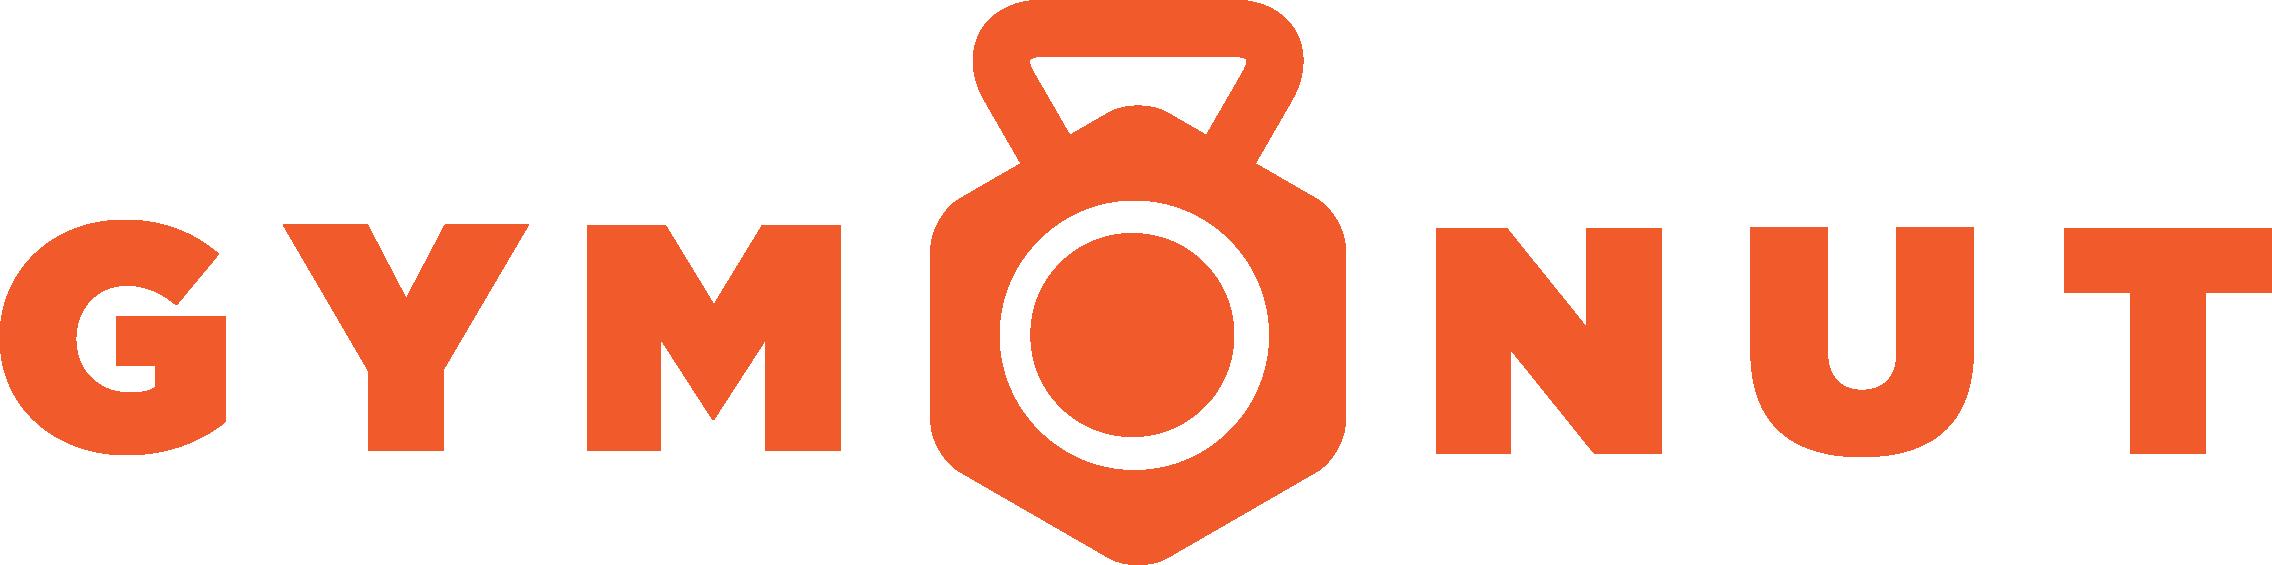 Gymnut Logo